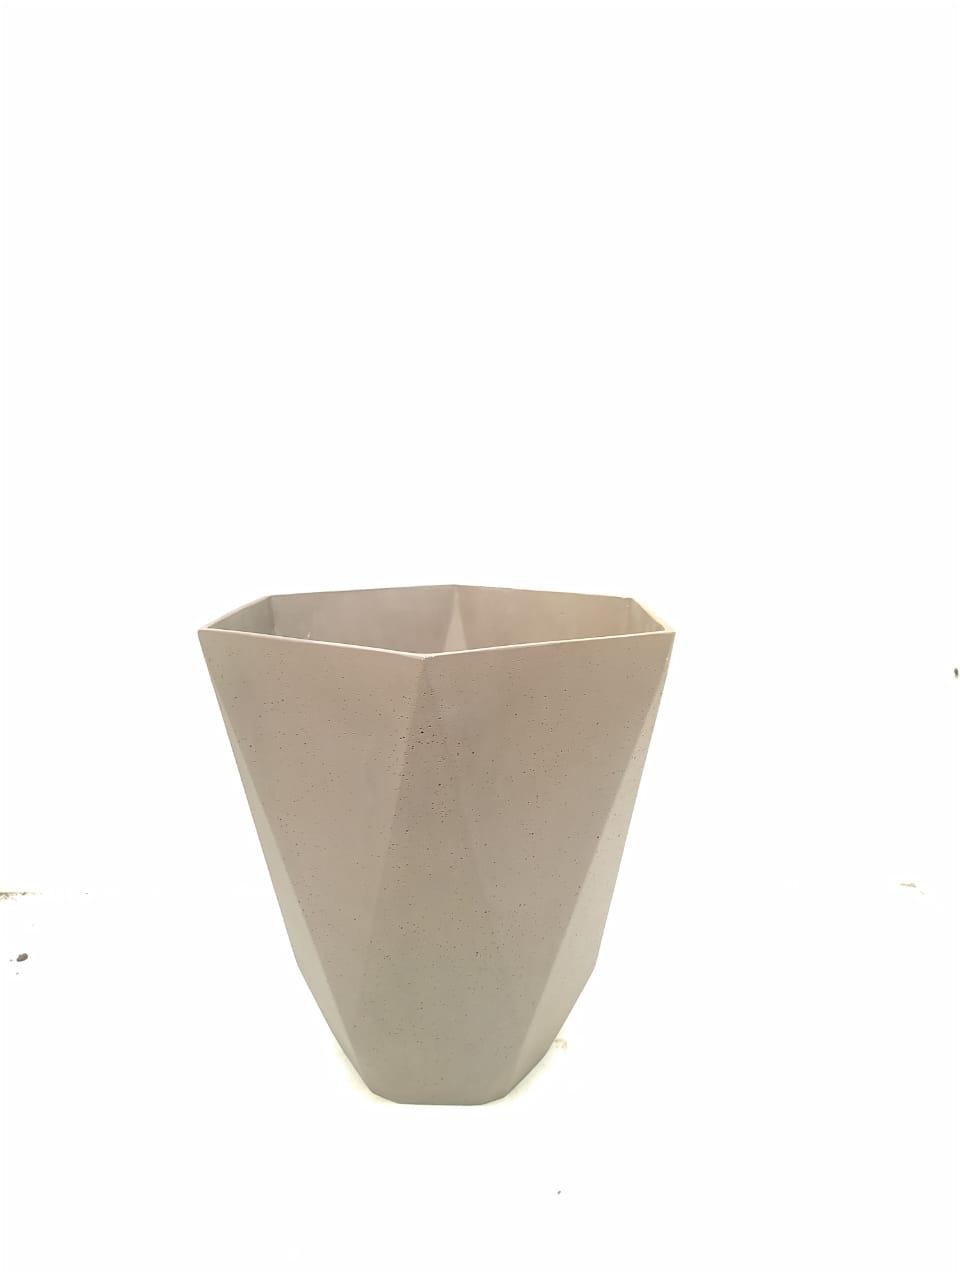 Sandstone Pot Hex Nat Brown Large Pots & Vases